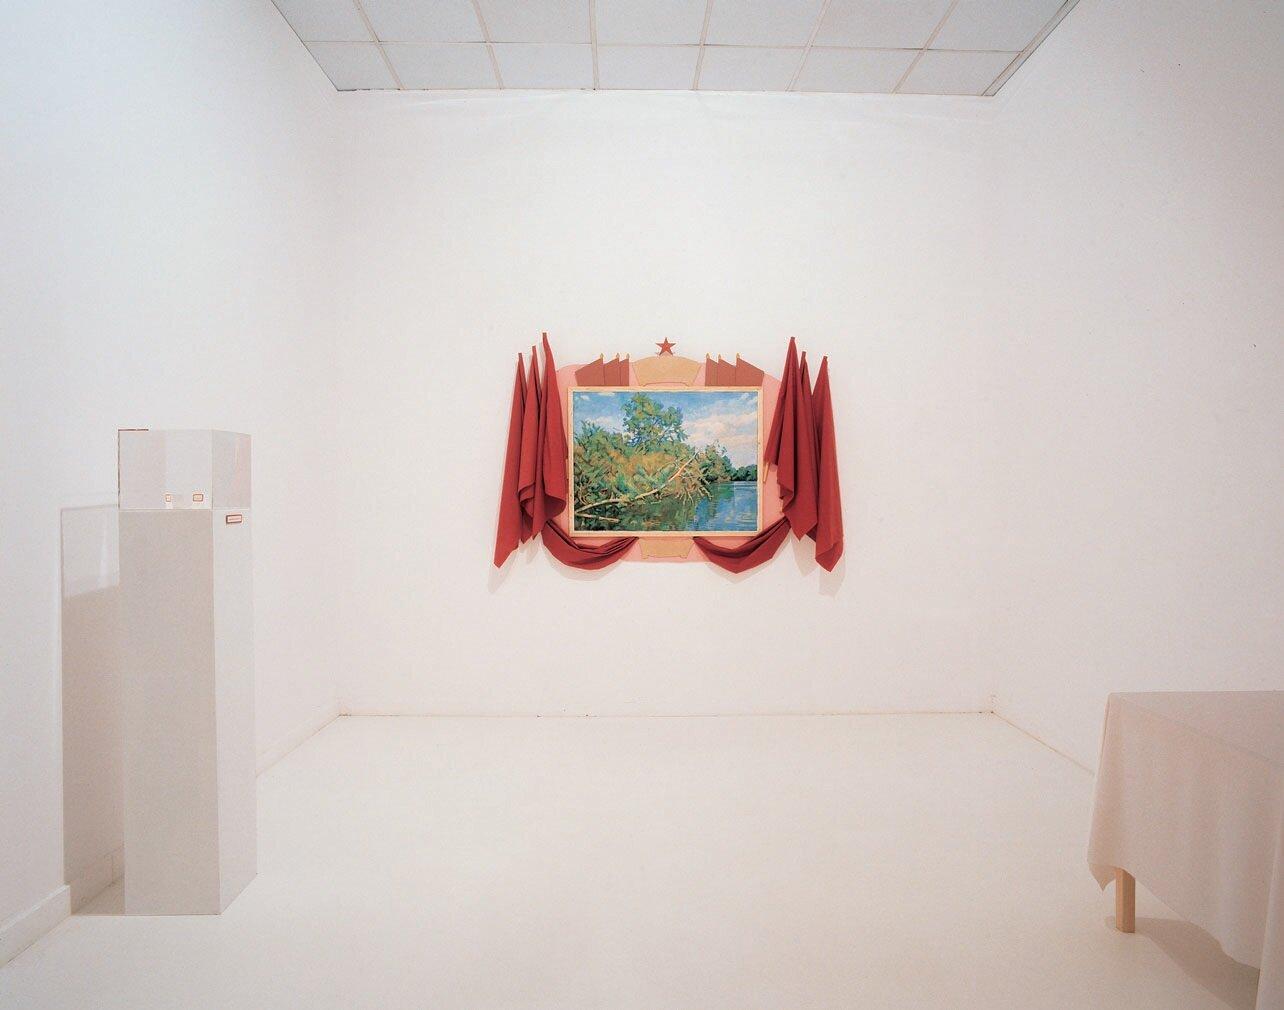 View-of-installation-Museum-van-Hedendaagse-Kunst-Antwerp-1998-Photo-by-Dirk-Pauwels-10.jpg